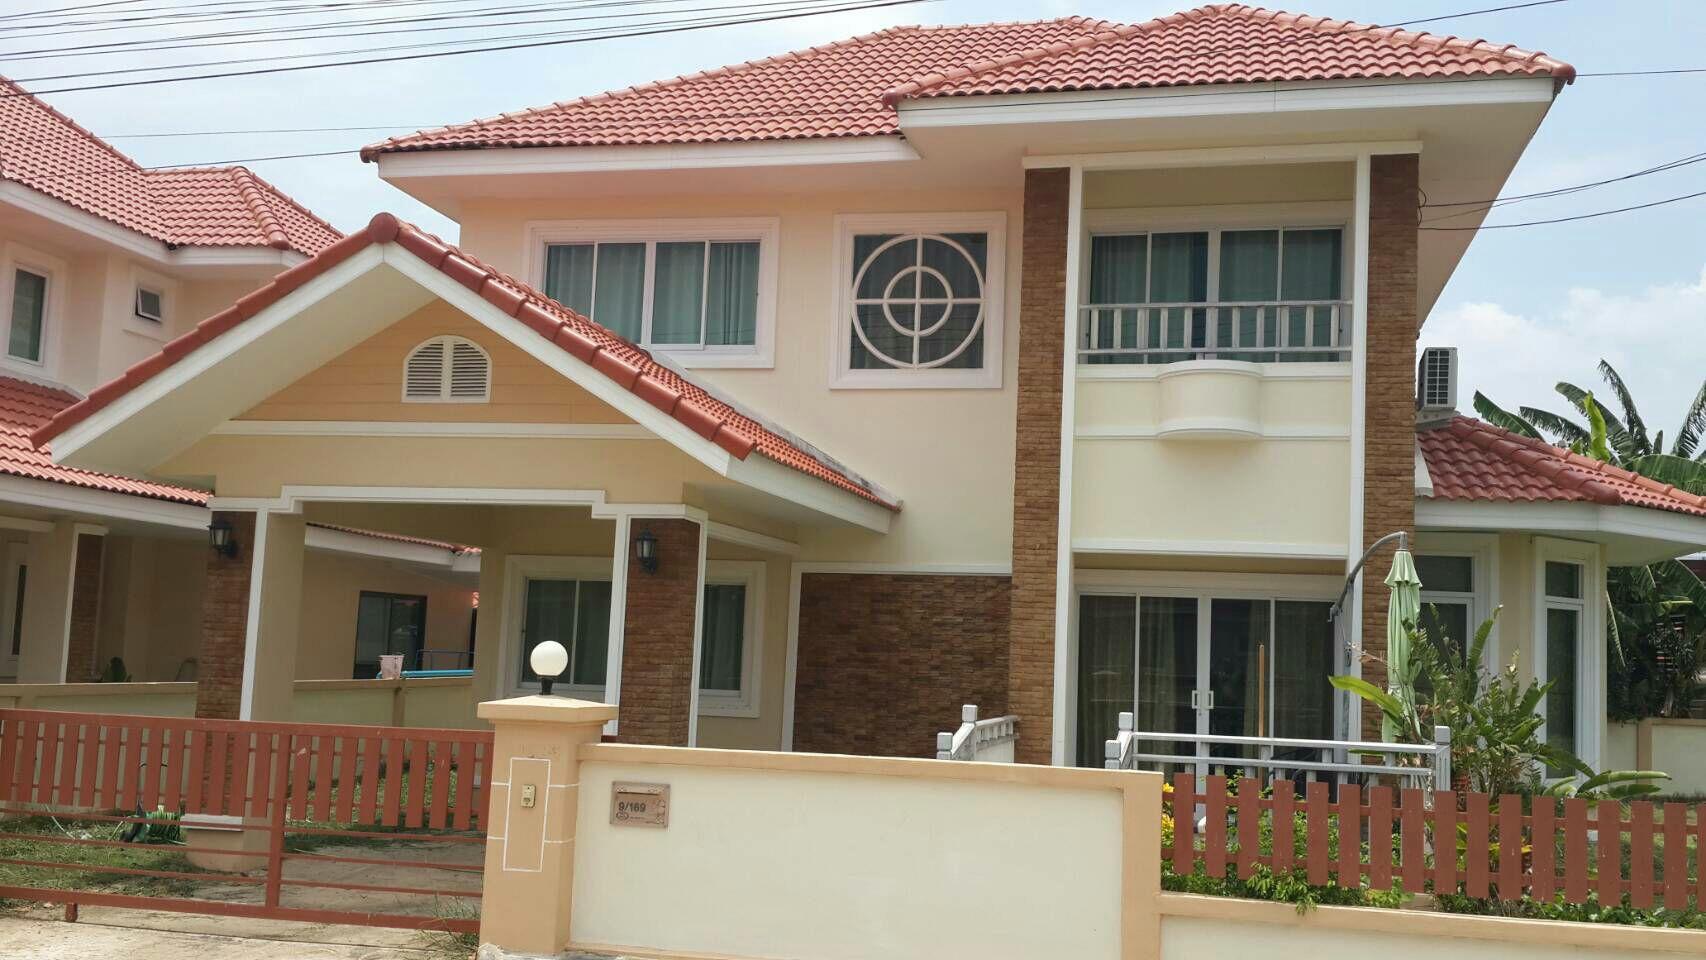 ขายบ้านเดี่ยว โครงการหมู่บ้านลลิษา ลพบุรี